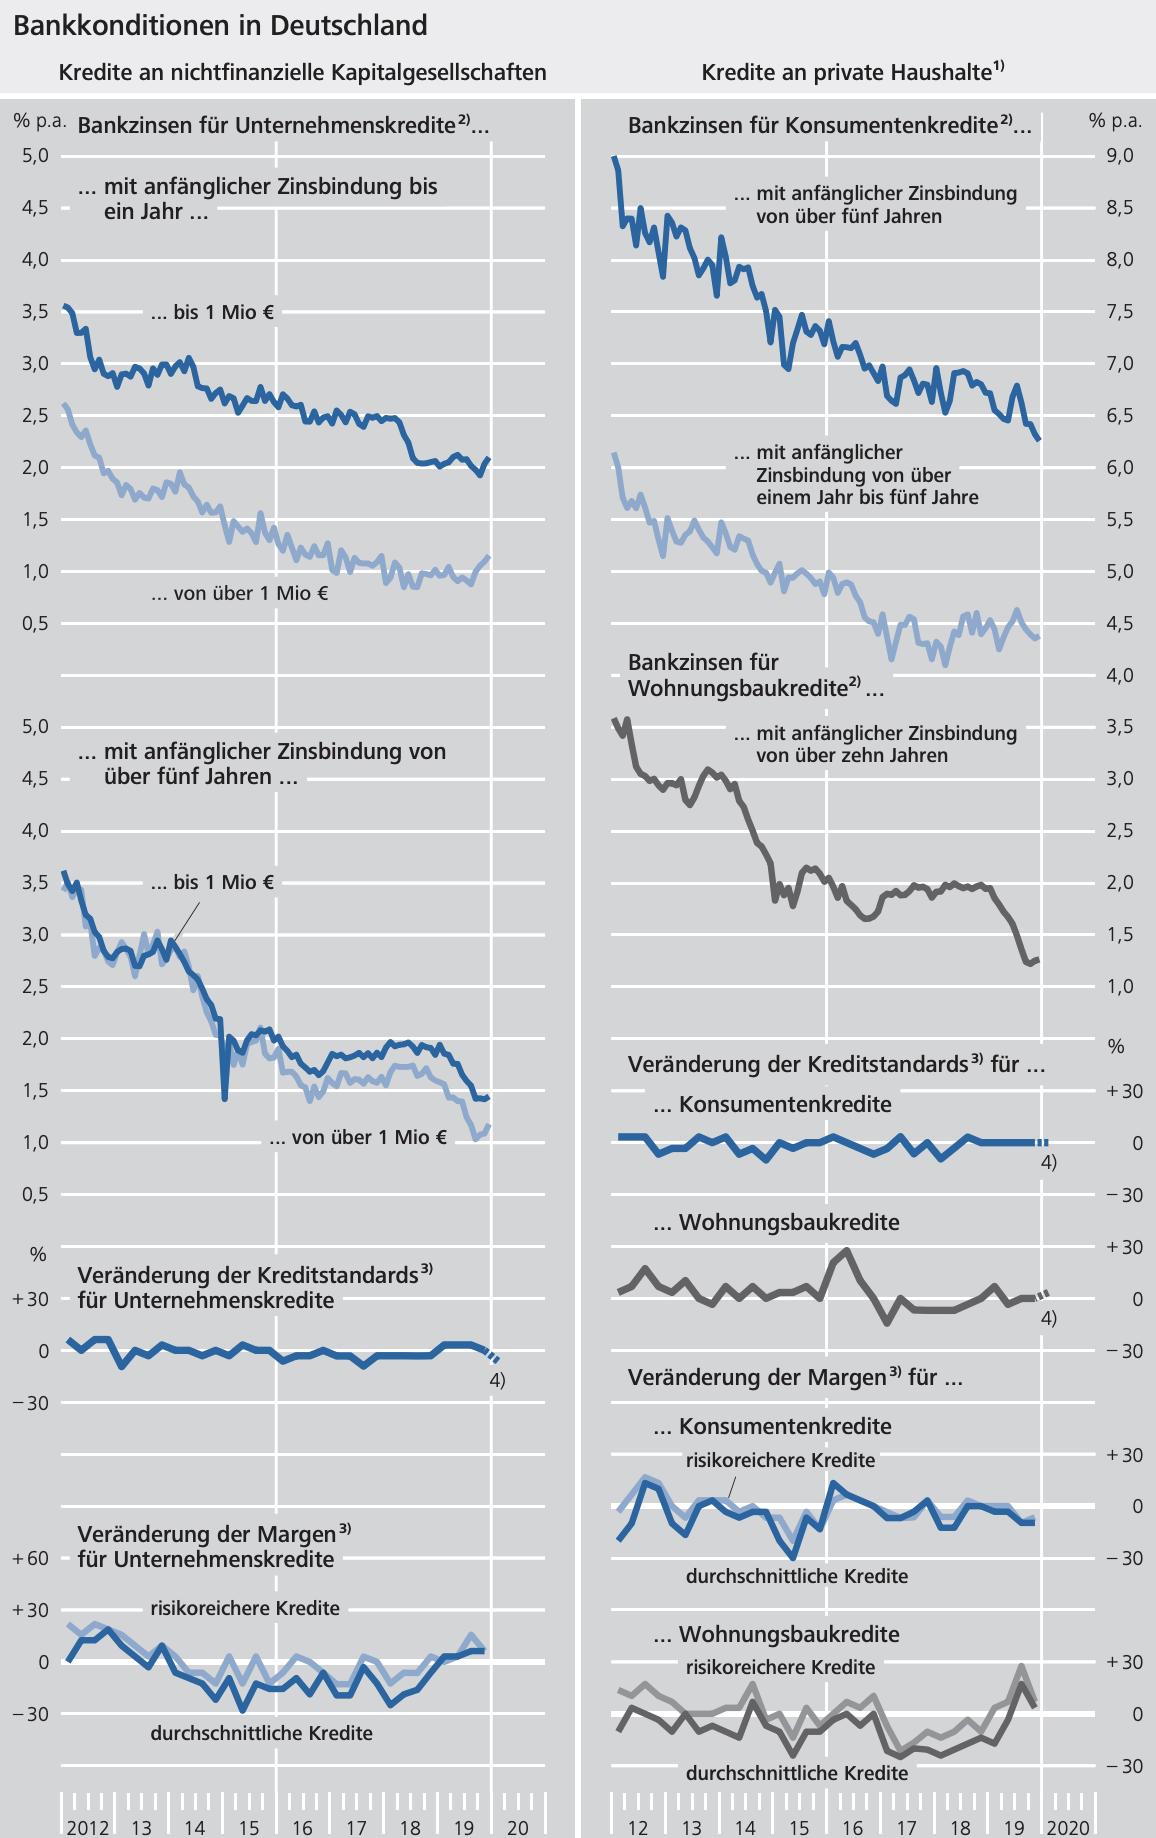 Bundesbank Statistik über Zinsen für Kredite